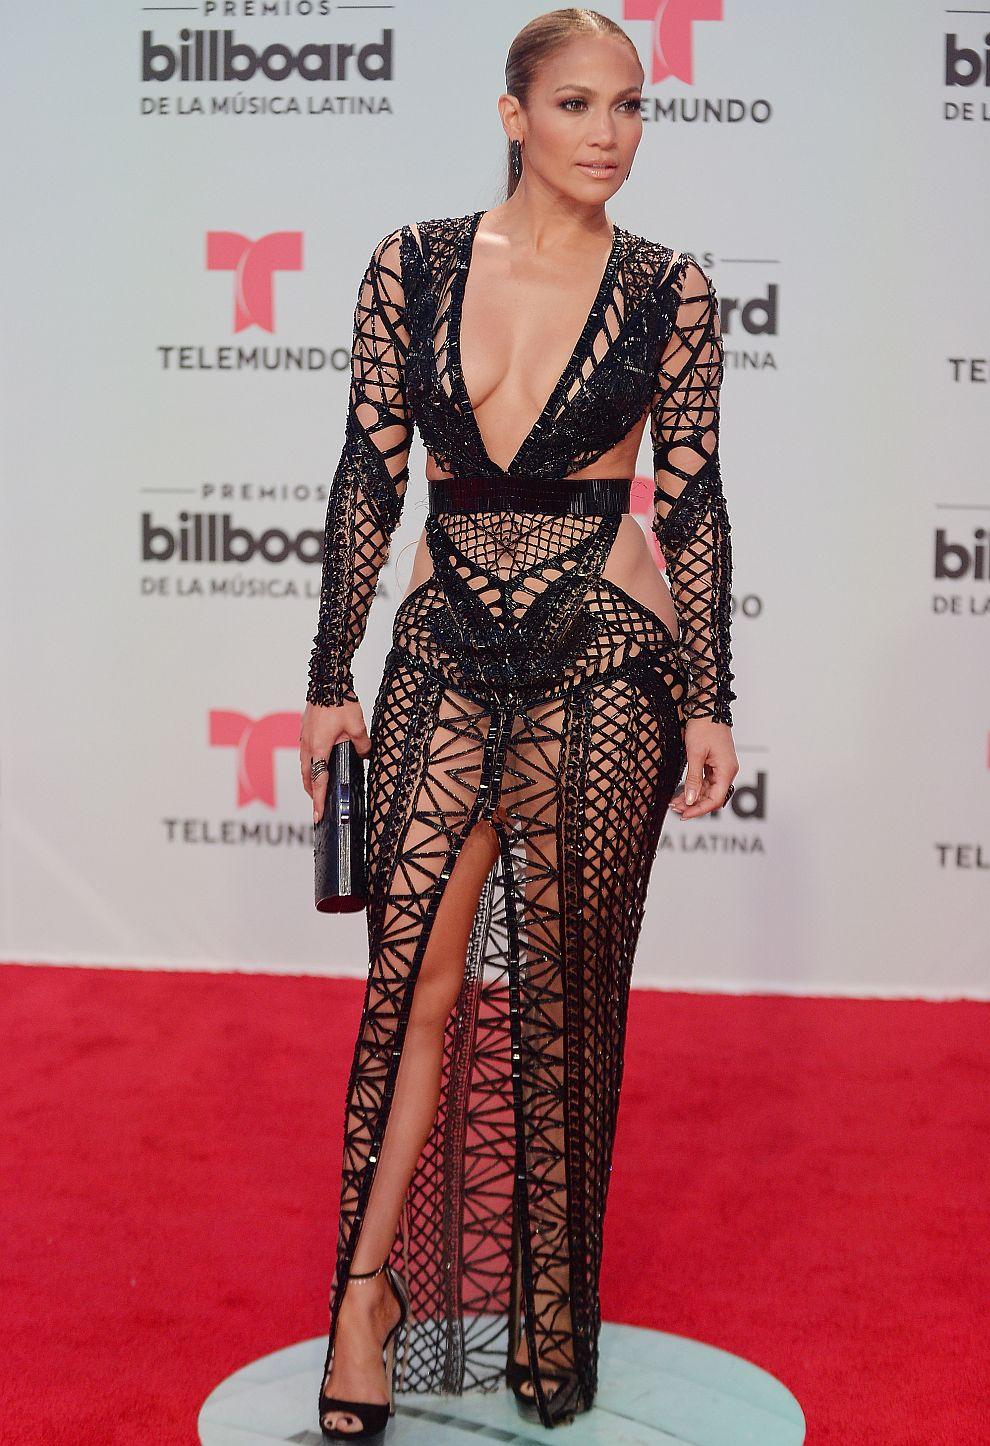 Дженифър Лопес в JULIEN MACDONALD на латино наградите на Билборд в Маями